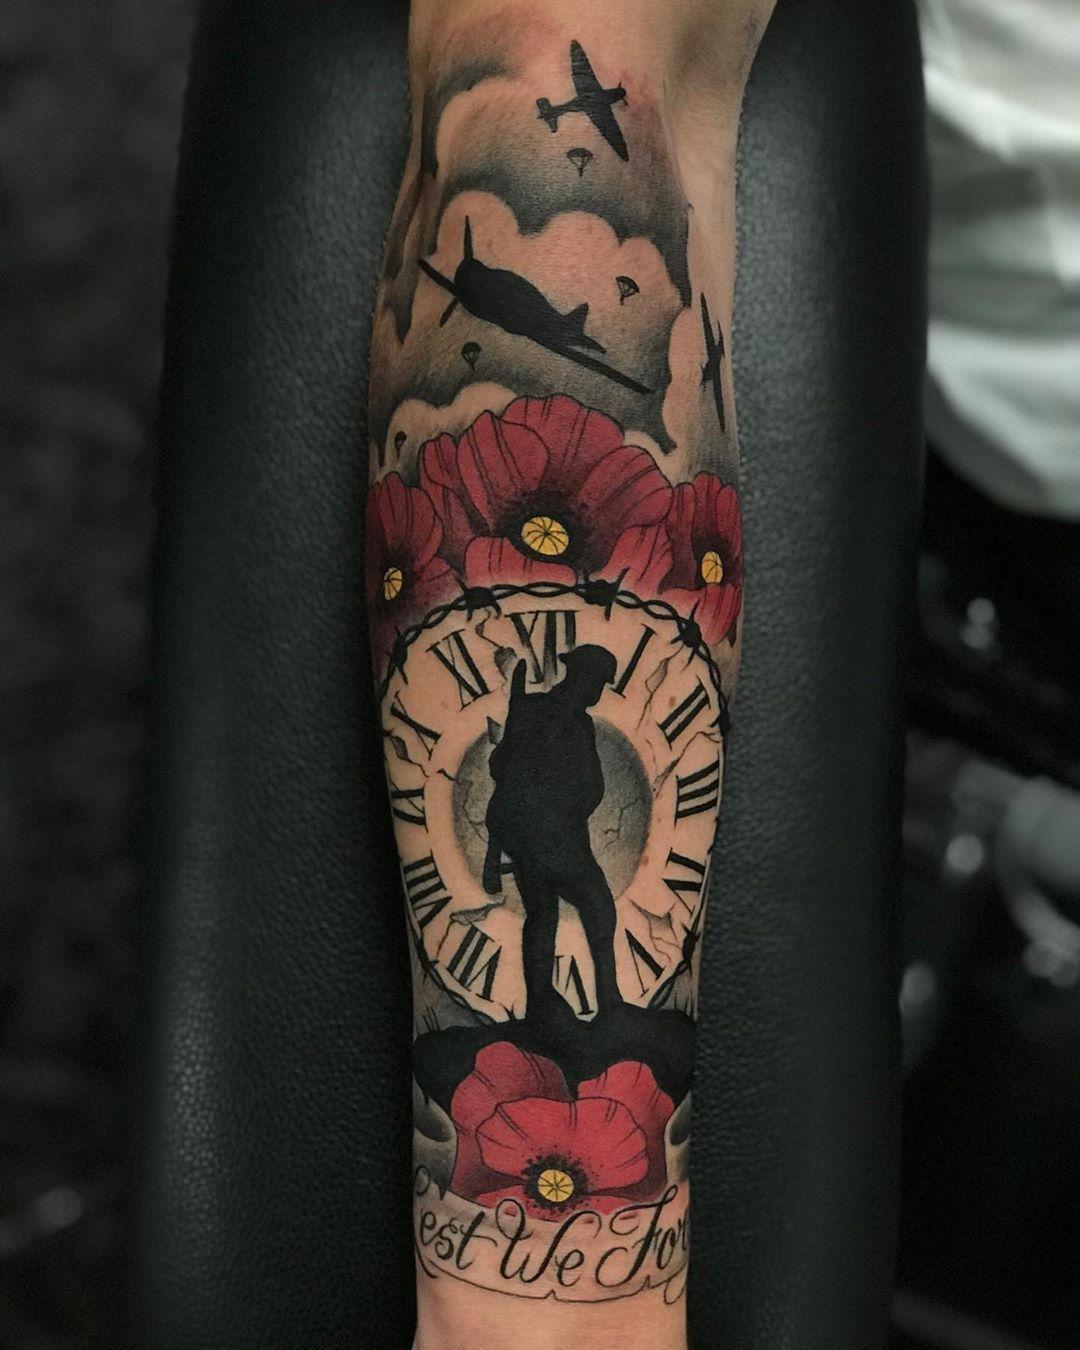 """Danny_ Birch_Tattoos on Instagram: """"Lest We Forget  Done today @mantra2tattoo ✌🏽  #mantra2 #tattoos  #tattoo #tattedup  #tattooing  #tattoomen #tatoochick  #tattoostars…"""""""